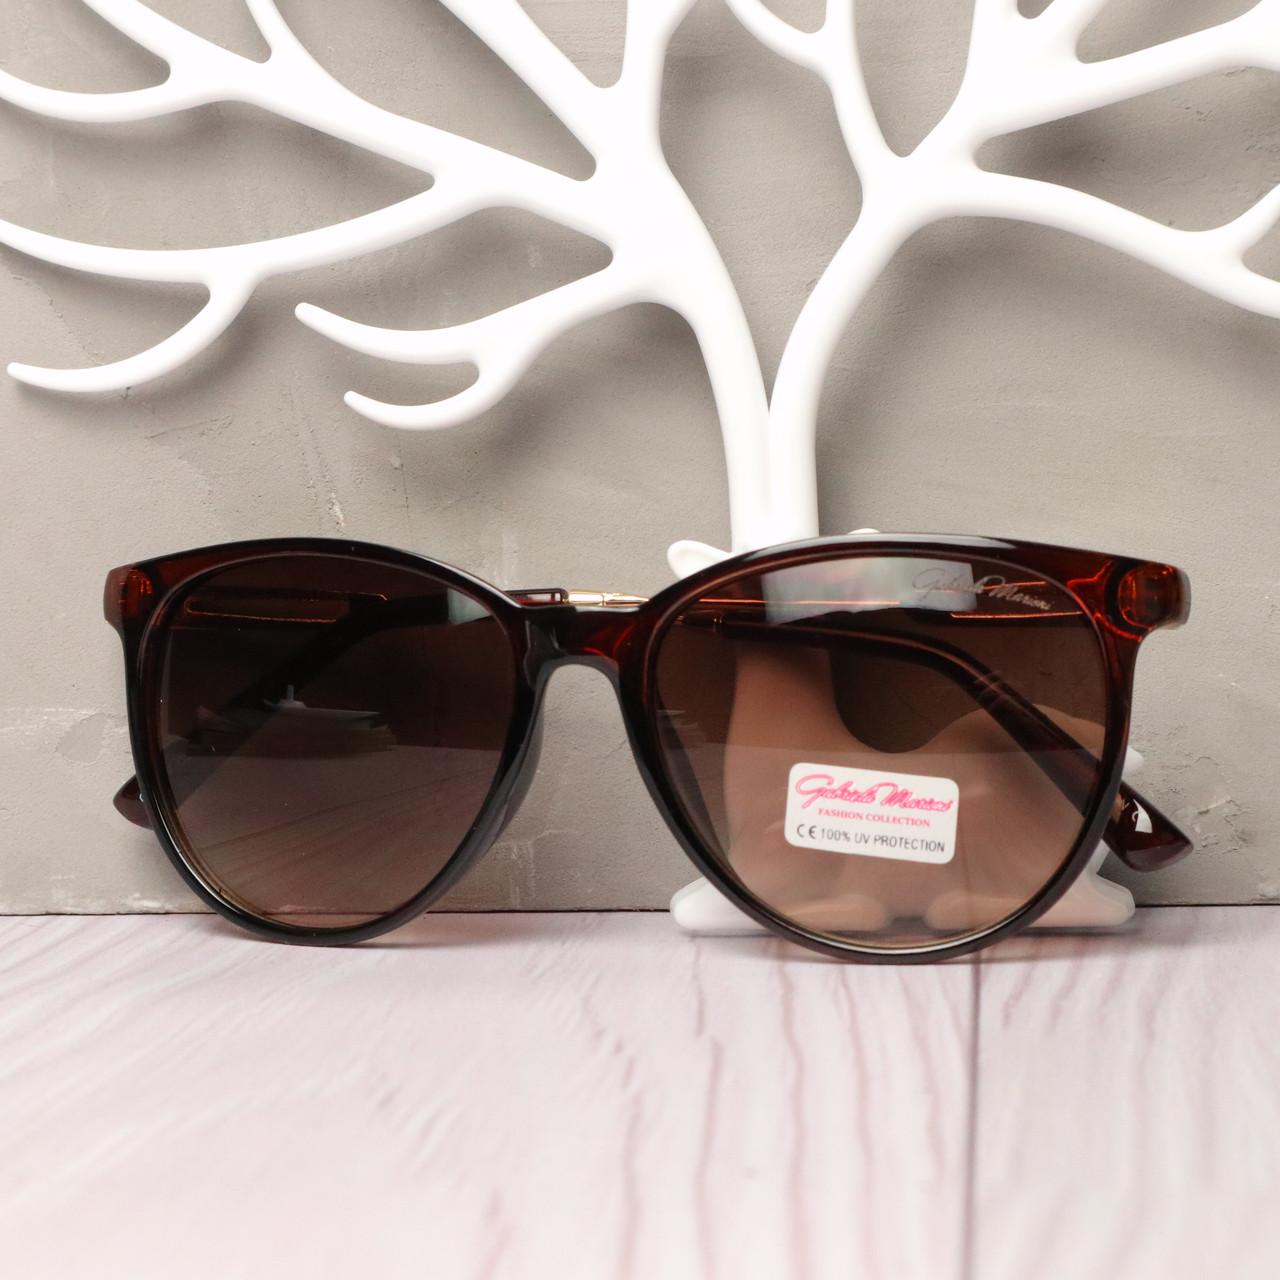 Очки солнцезащитные унисекс коричневые, очки поляризованые Коричневый, Коричневый